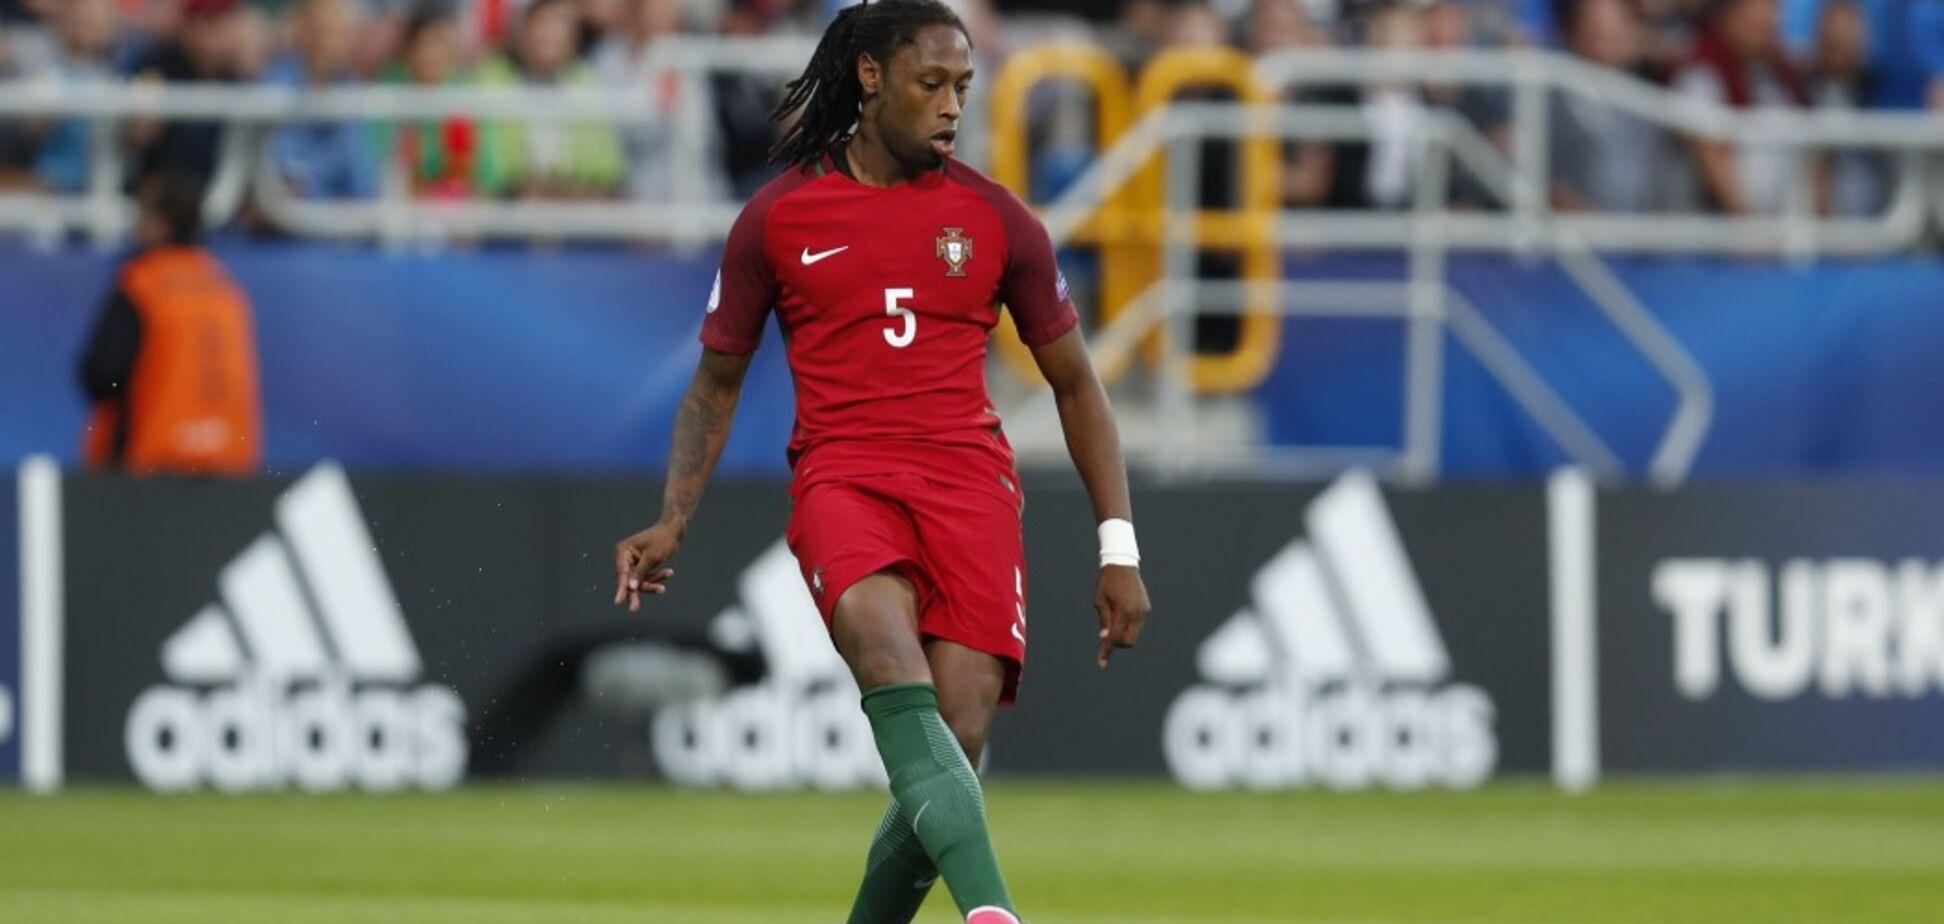 Зв'язали, побили, погрожували пістолетом: футболіст збірної Португалії потрапив у грандіозний скандал